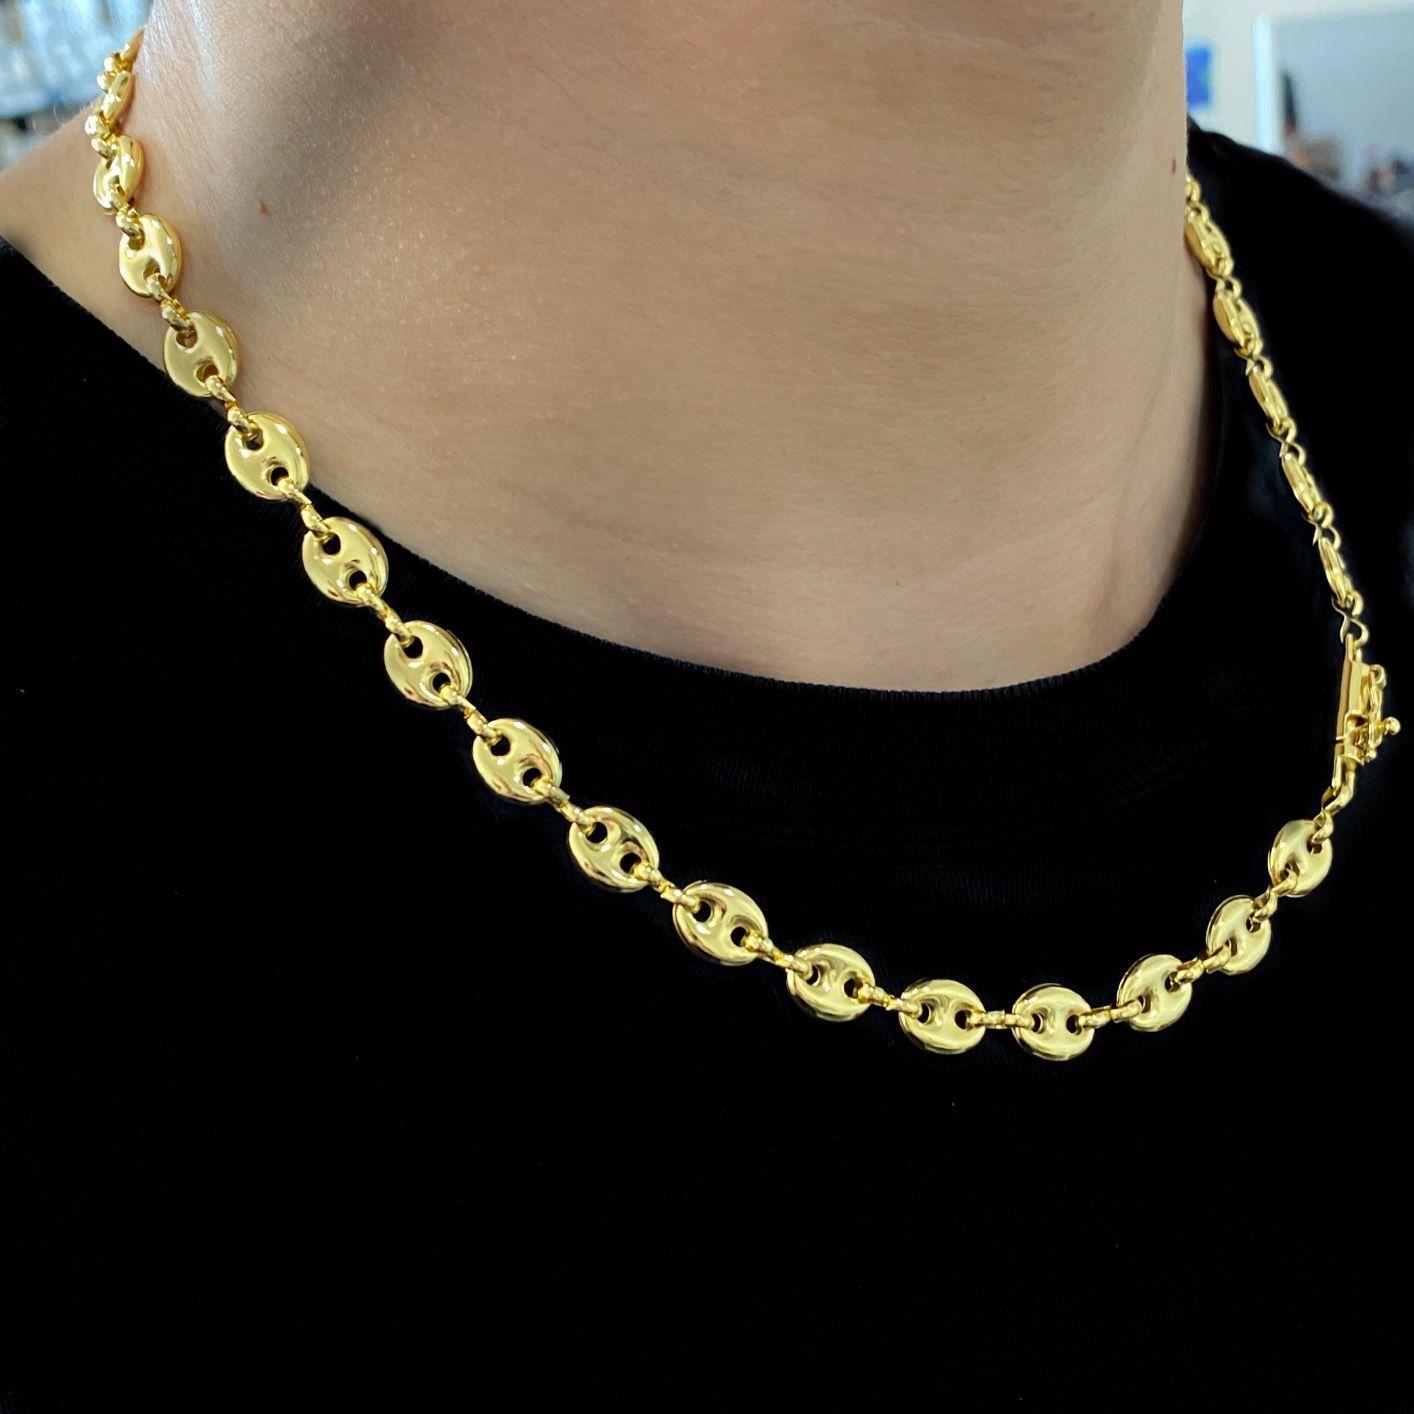 Corrente Gucci Link 8mm 50cm 19g (Banho De Ouro 18k)